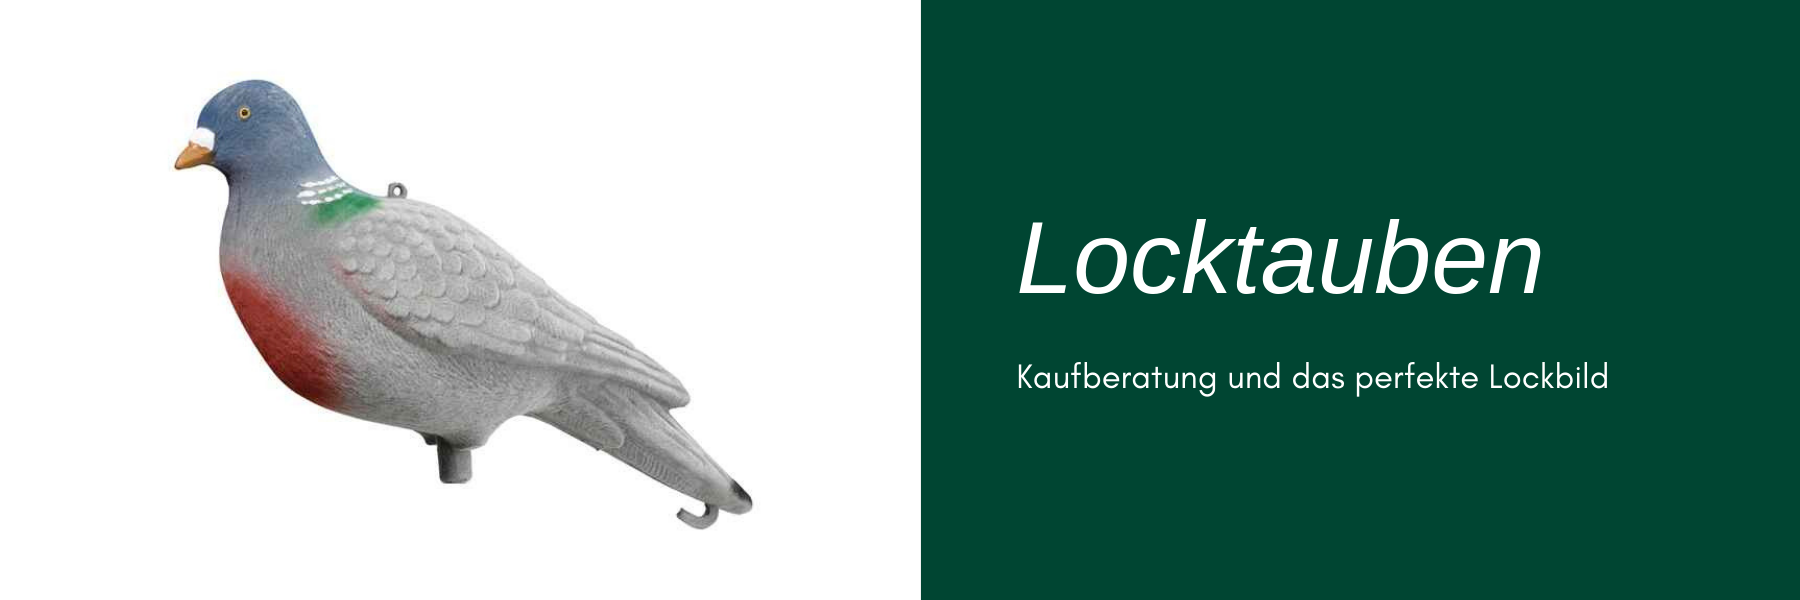 Locktauben - Kaufberatung und das perfekte Lockbild